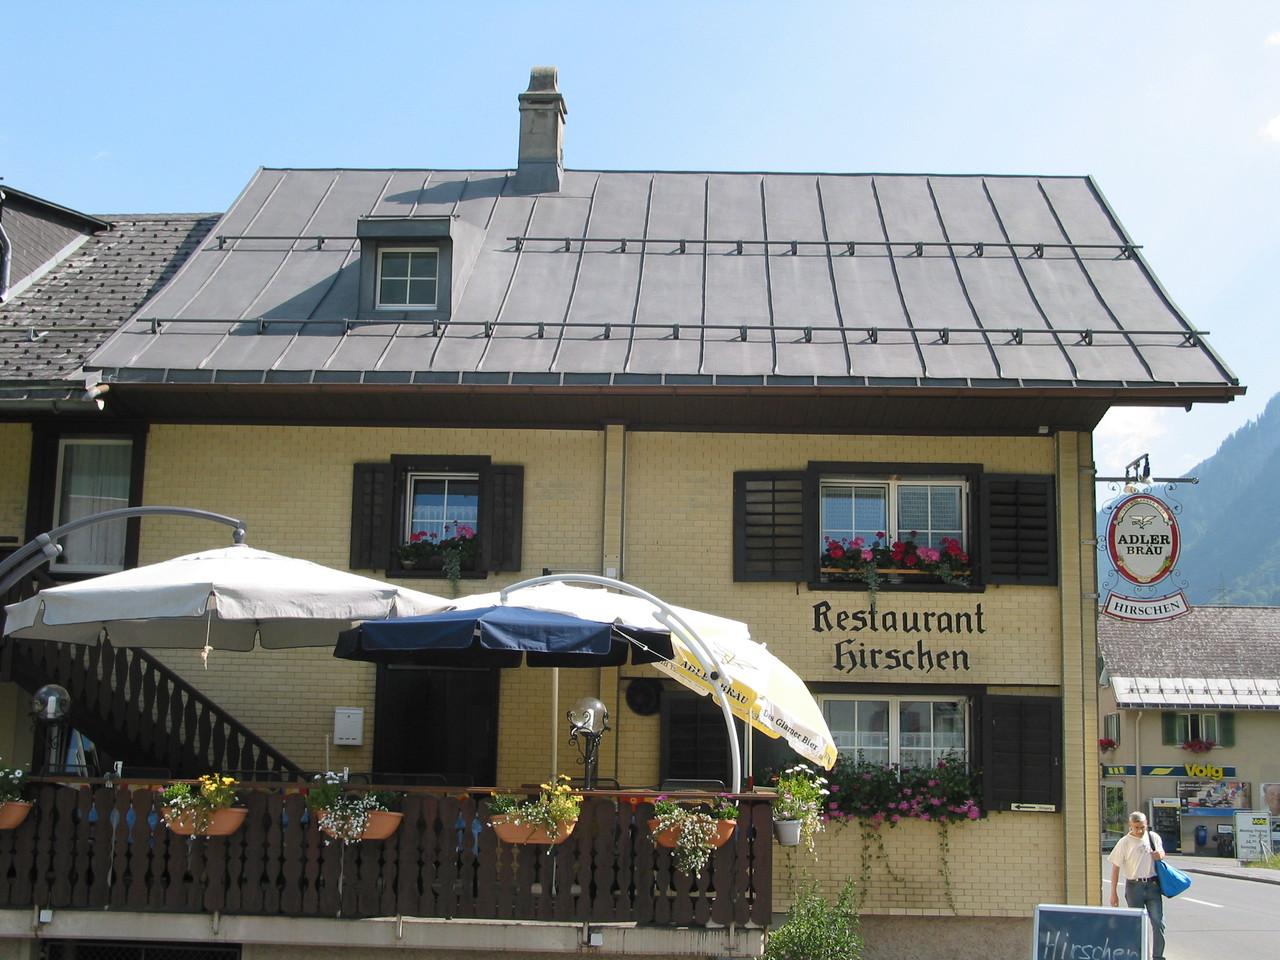 Fassade Restaurant Hirschen vorher, Linthal